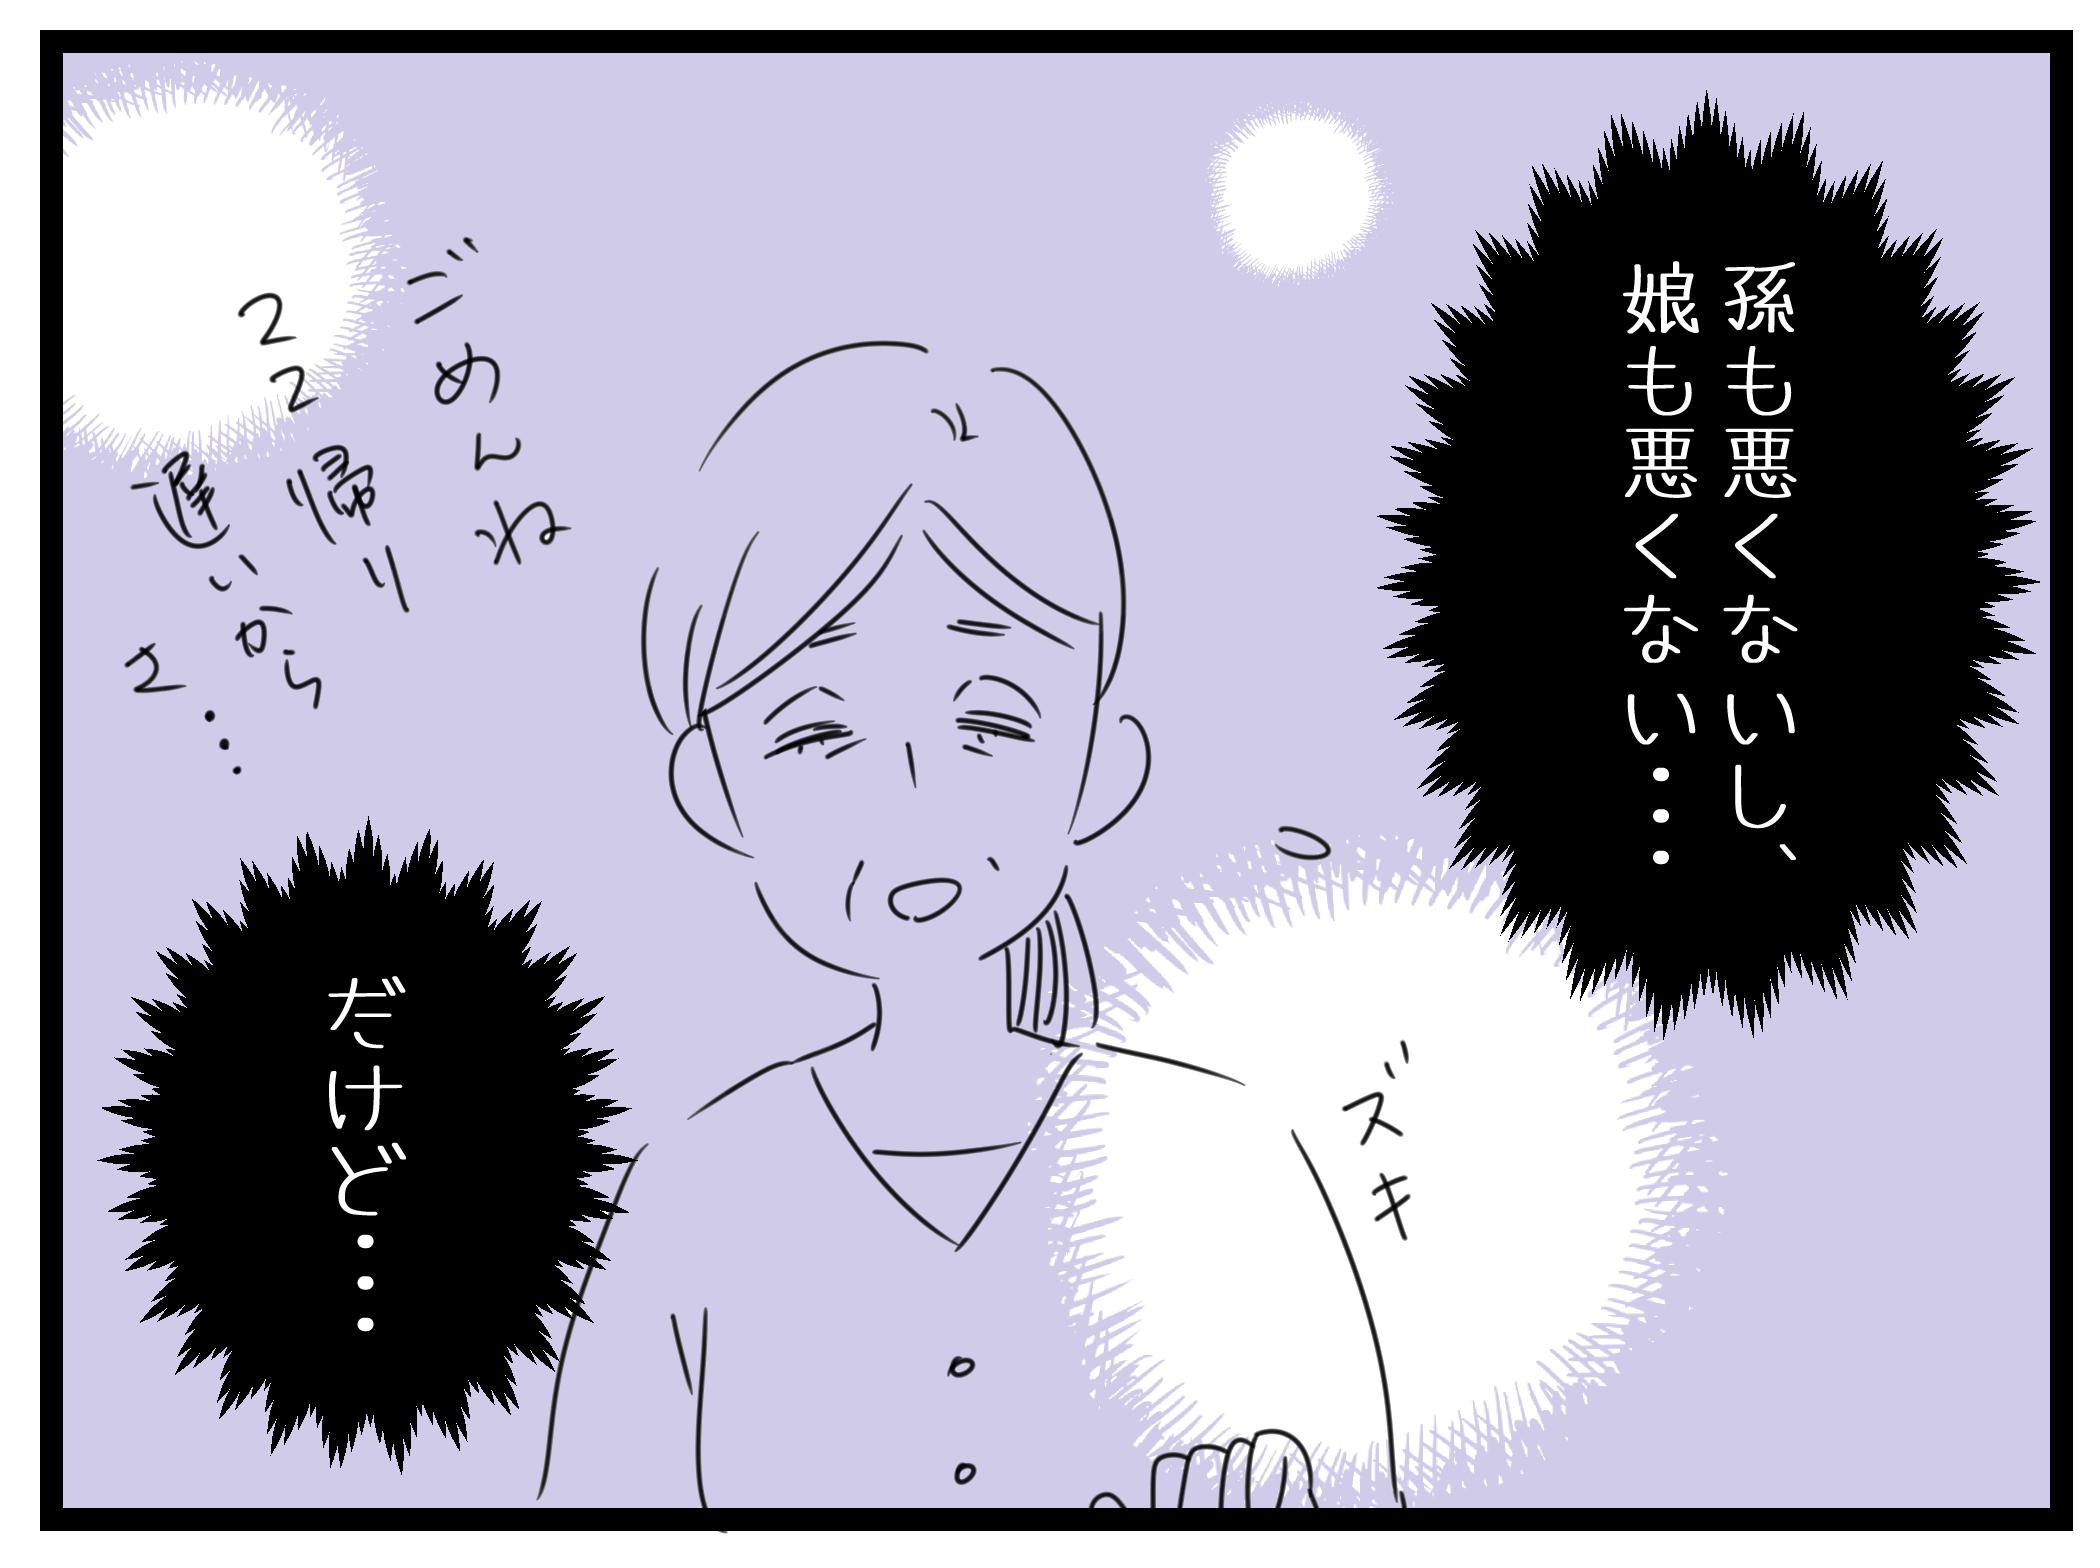 【第5話】ブランク10年目の挑戦~アラフォーママ、初めての転職~